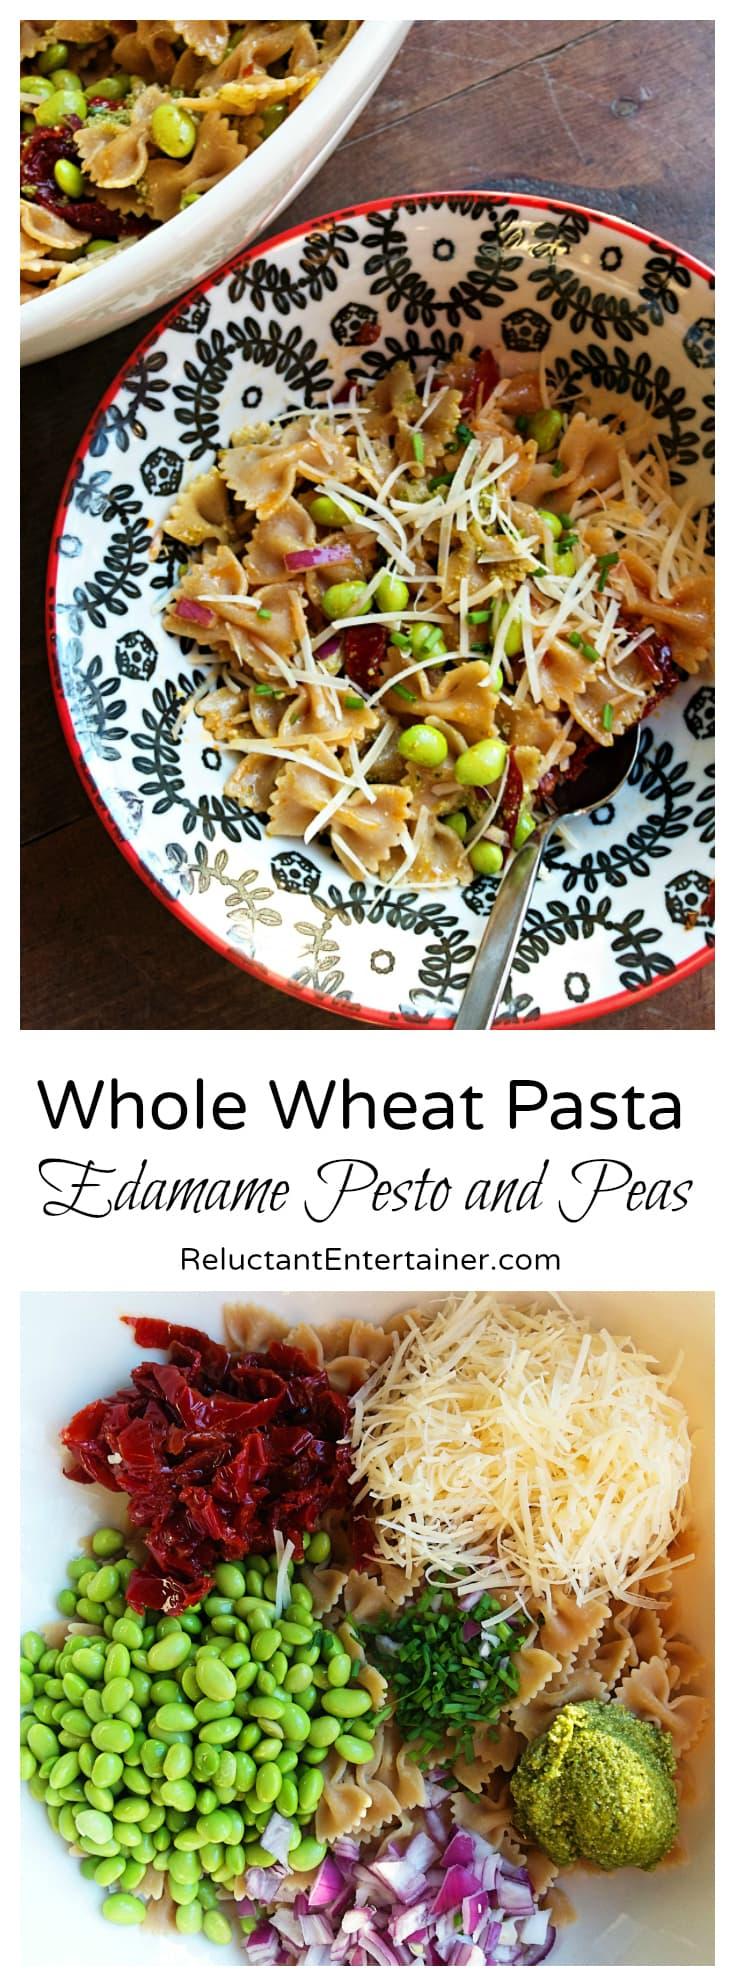 Edamame Pesto and Peas